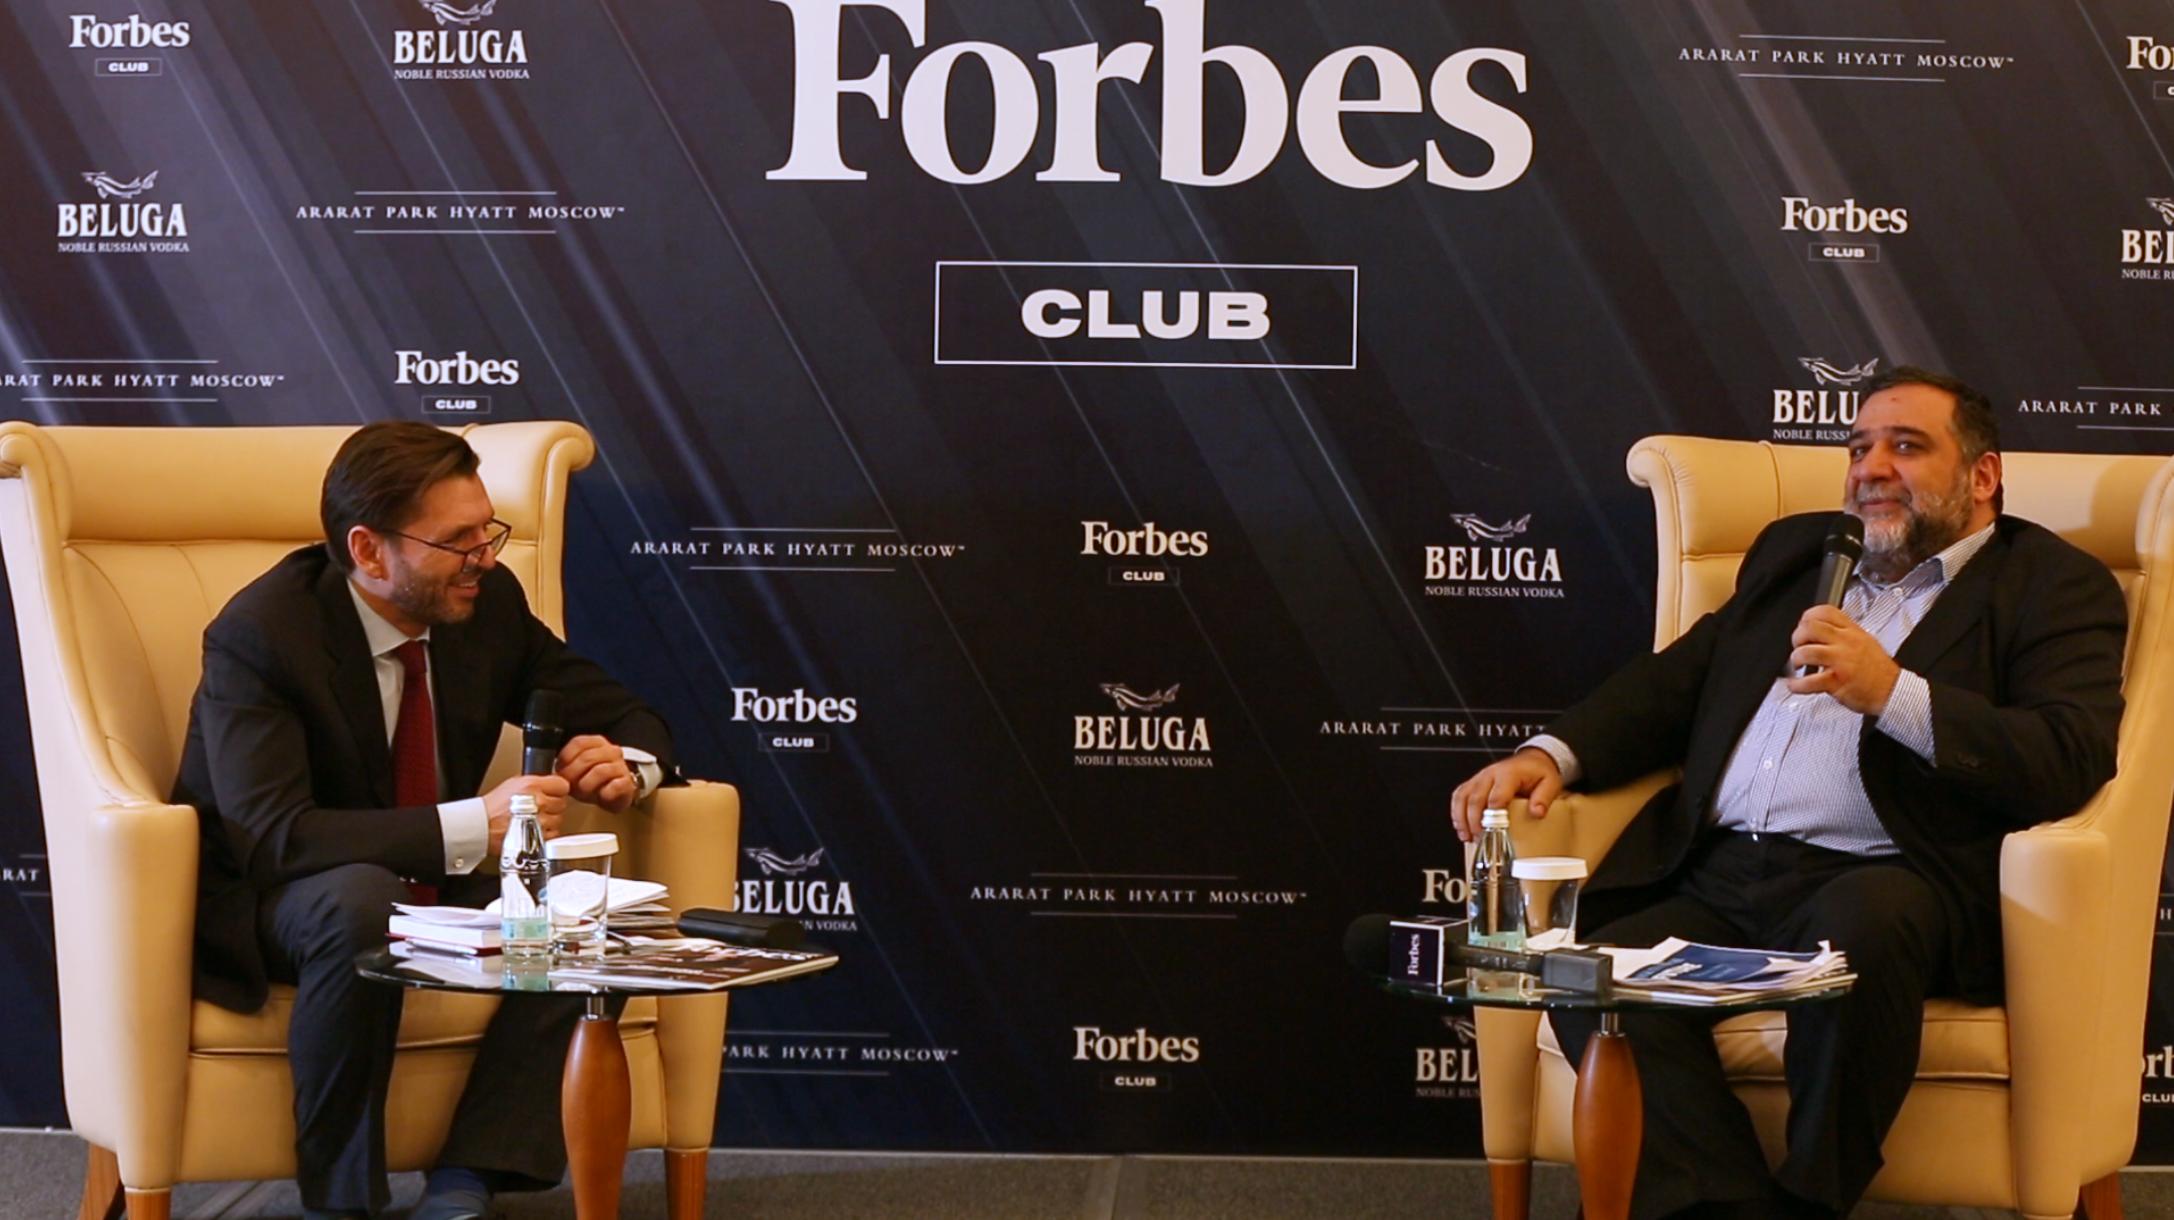 Рубен Варданян рассказал об армянах в бизнесе и наследстве детям